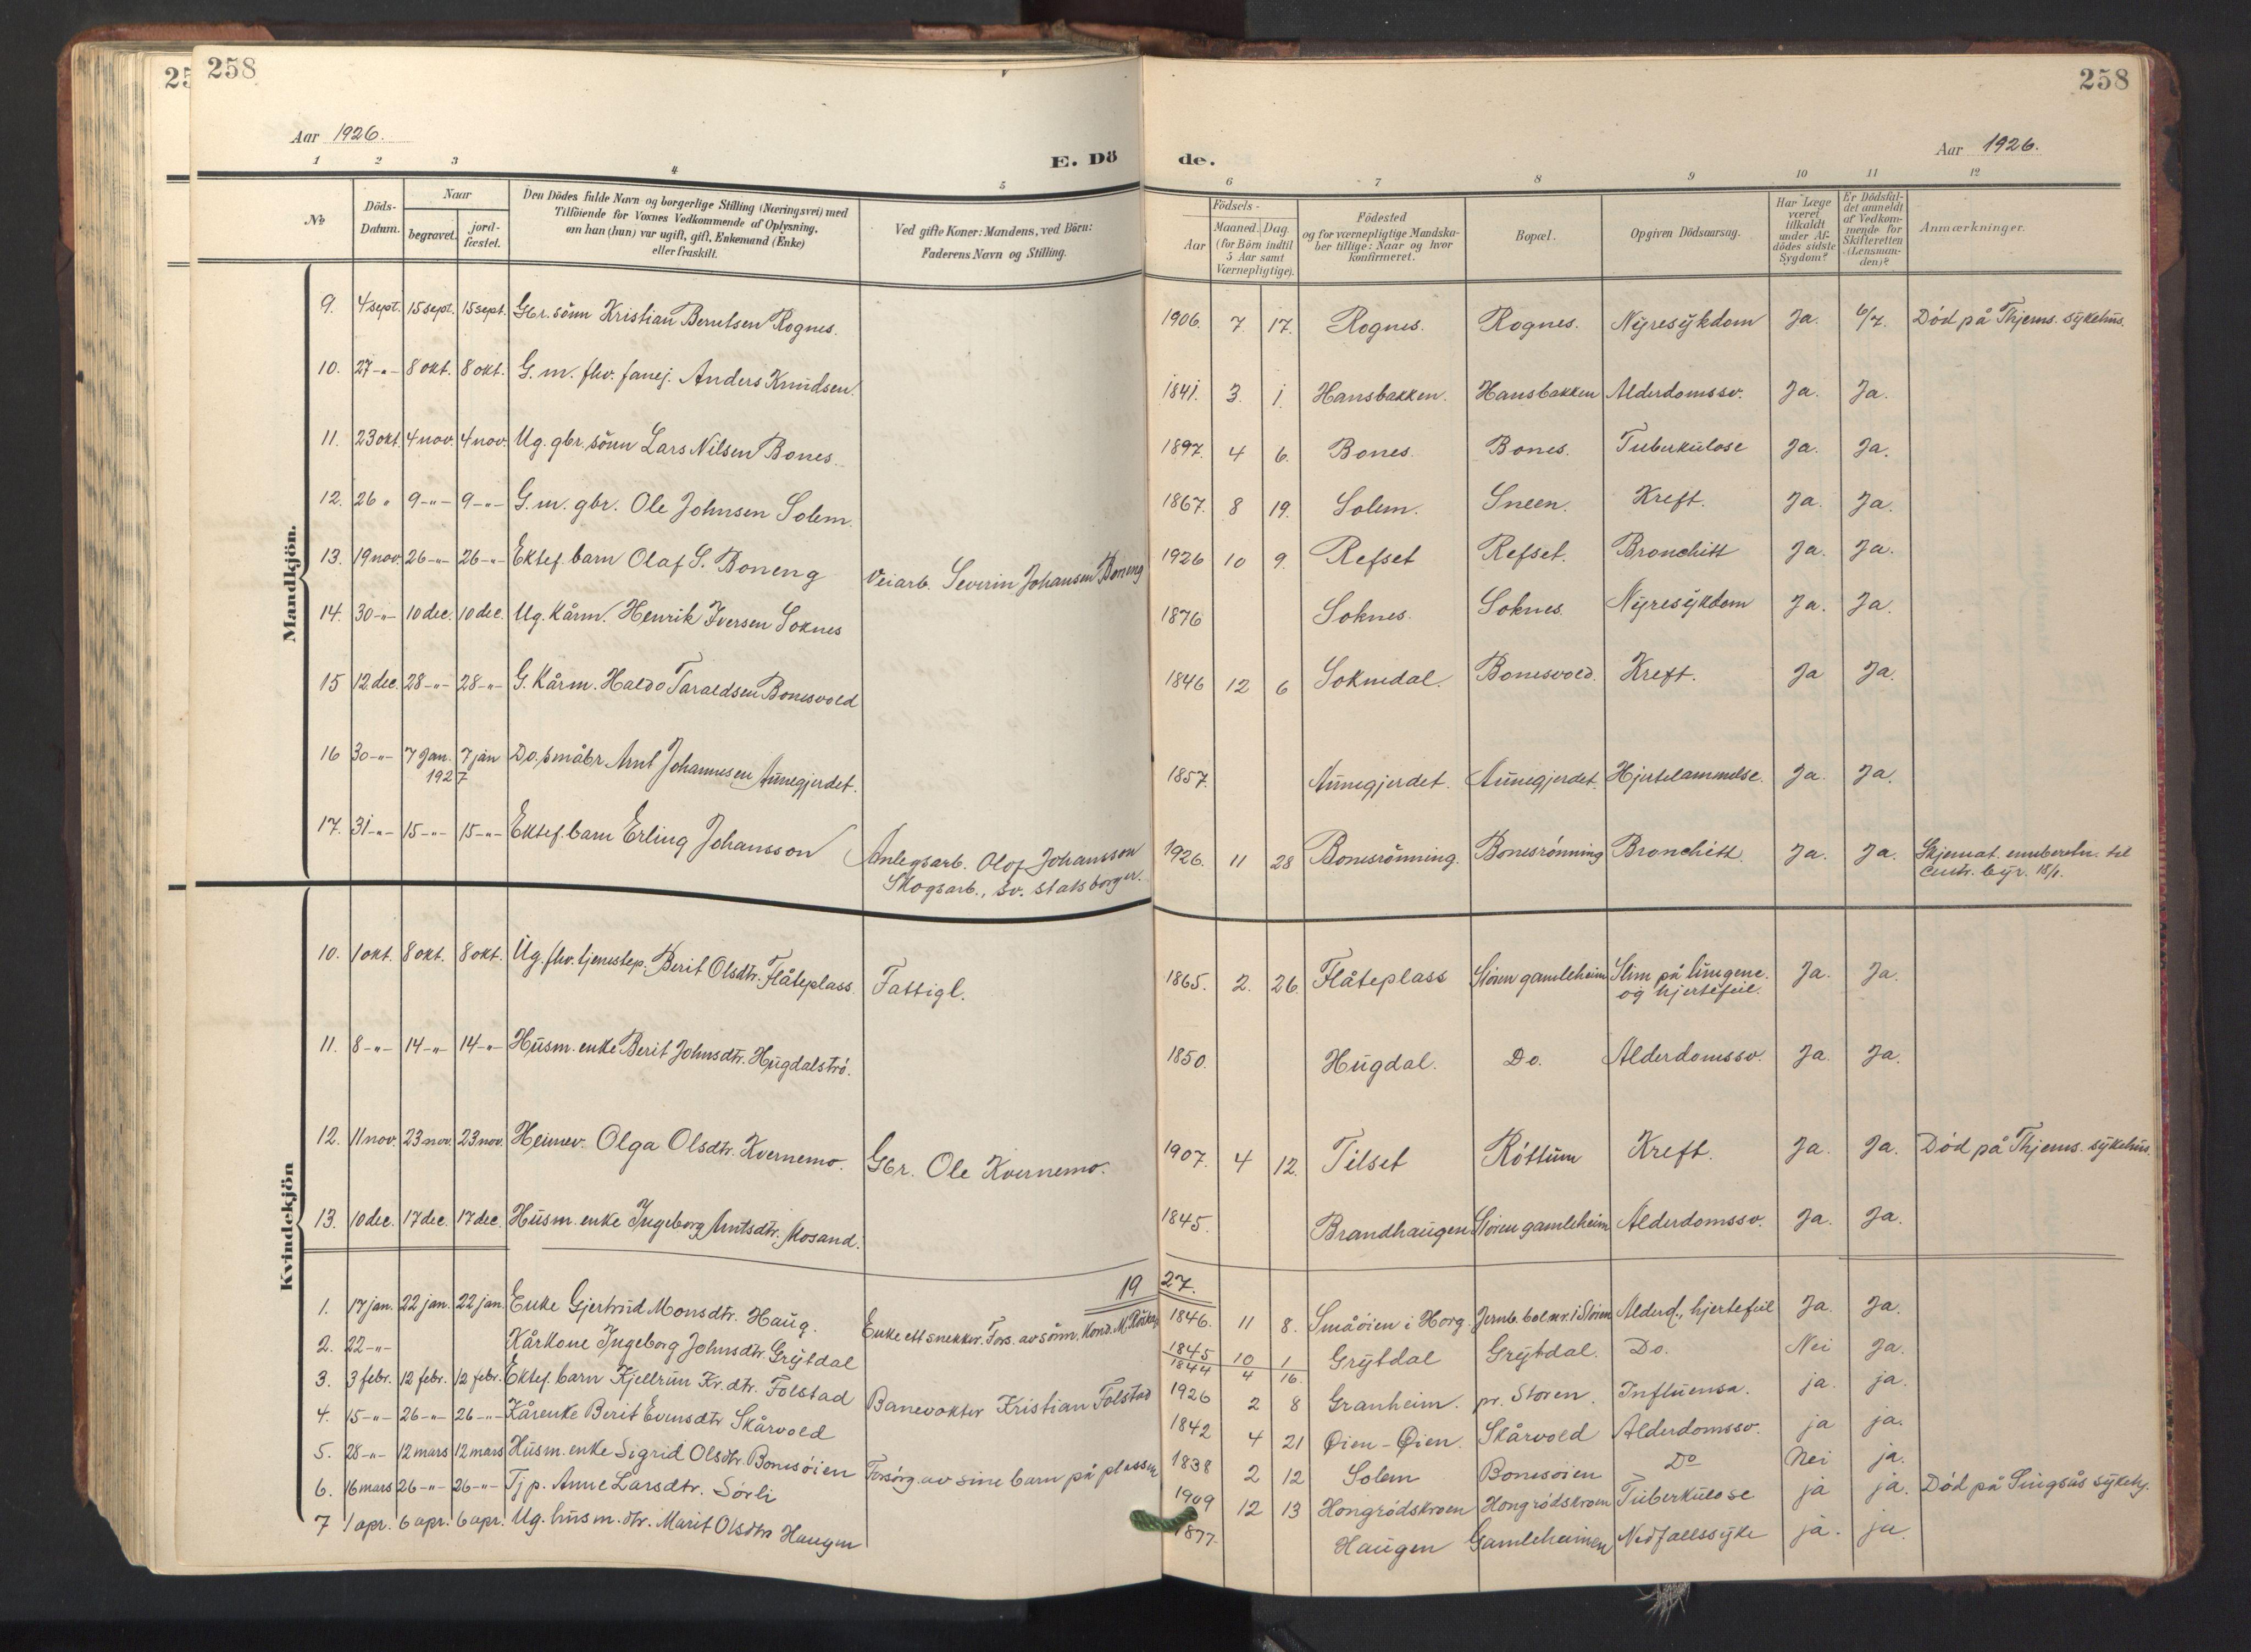 SAT, Ministerialprotokoller, klokkerbøker og fødselsregistre - Sør-Trøndelag, 687/L1019: Klokkerbok nr. 687C03, 1904-1931, s. 258